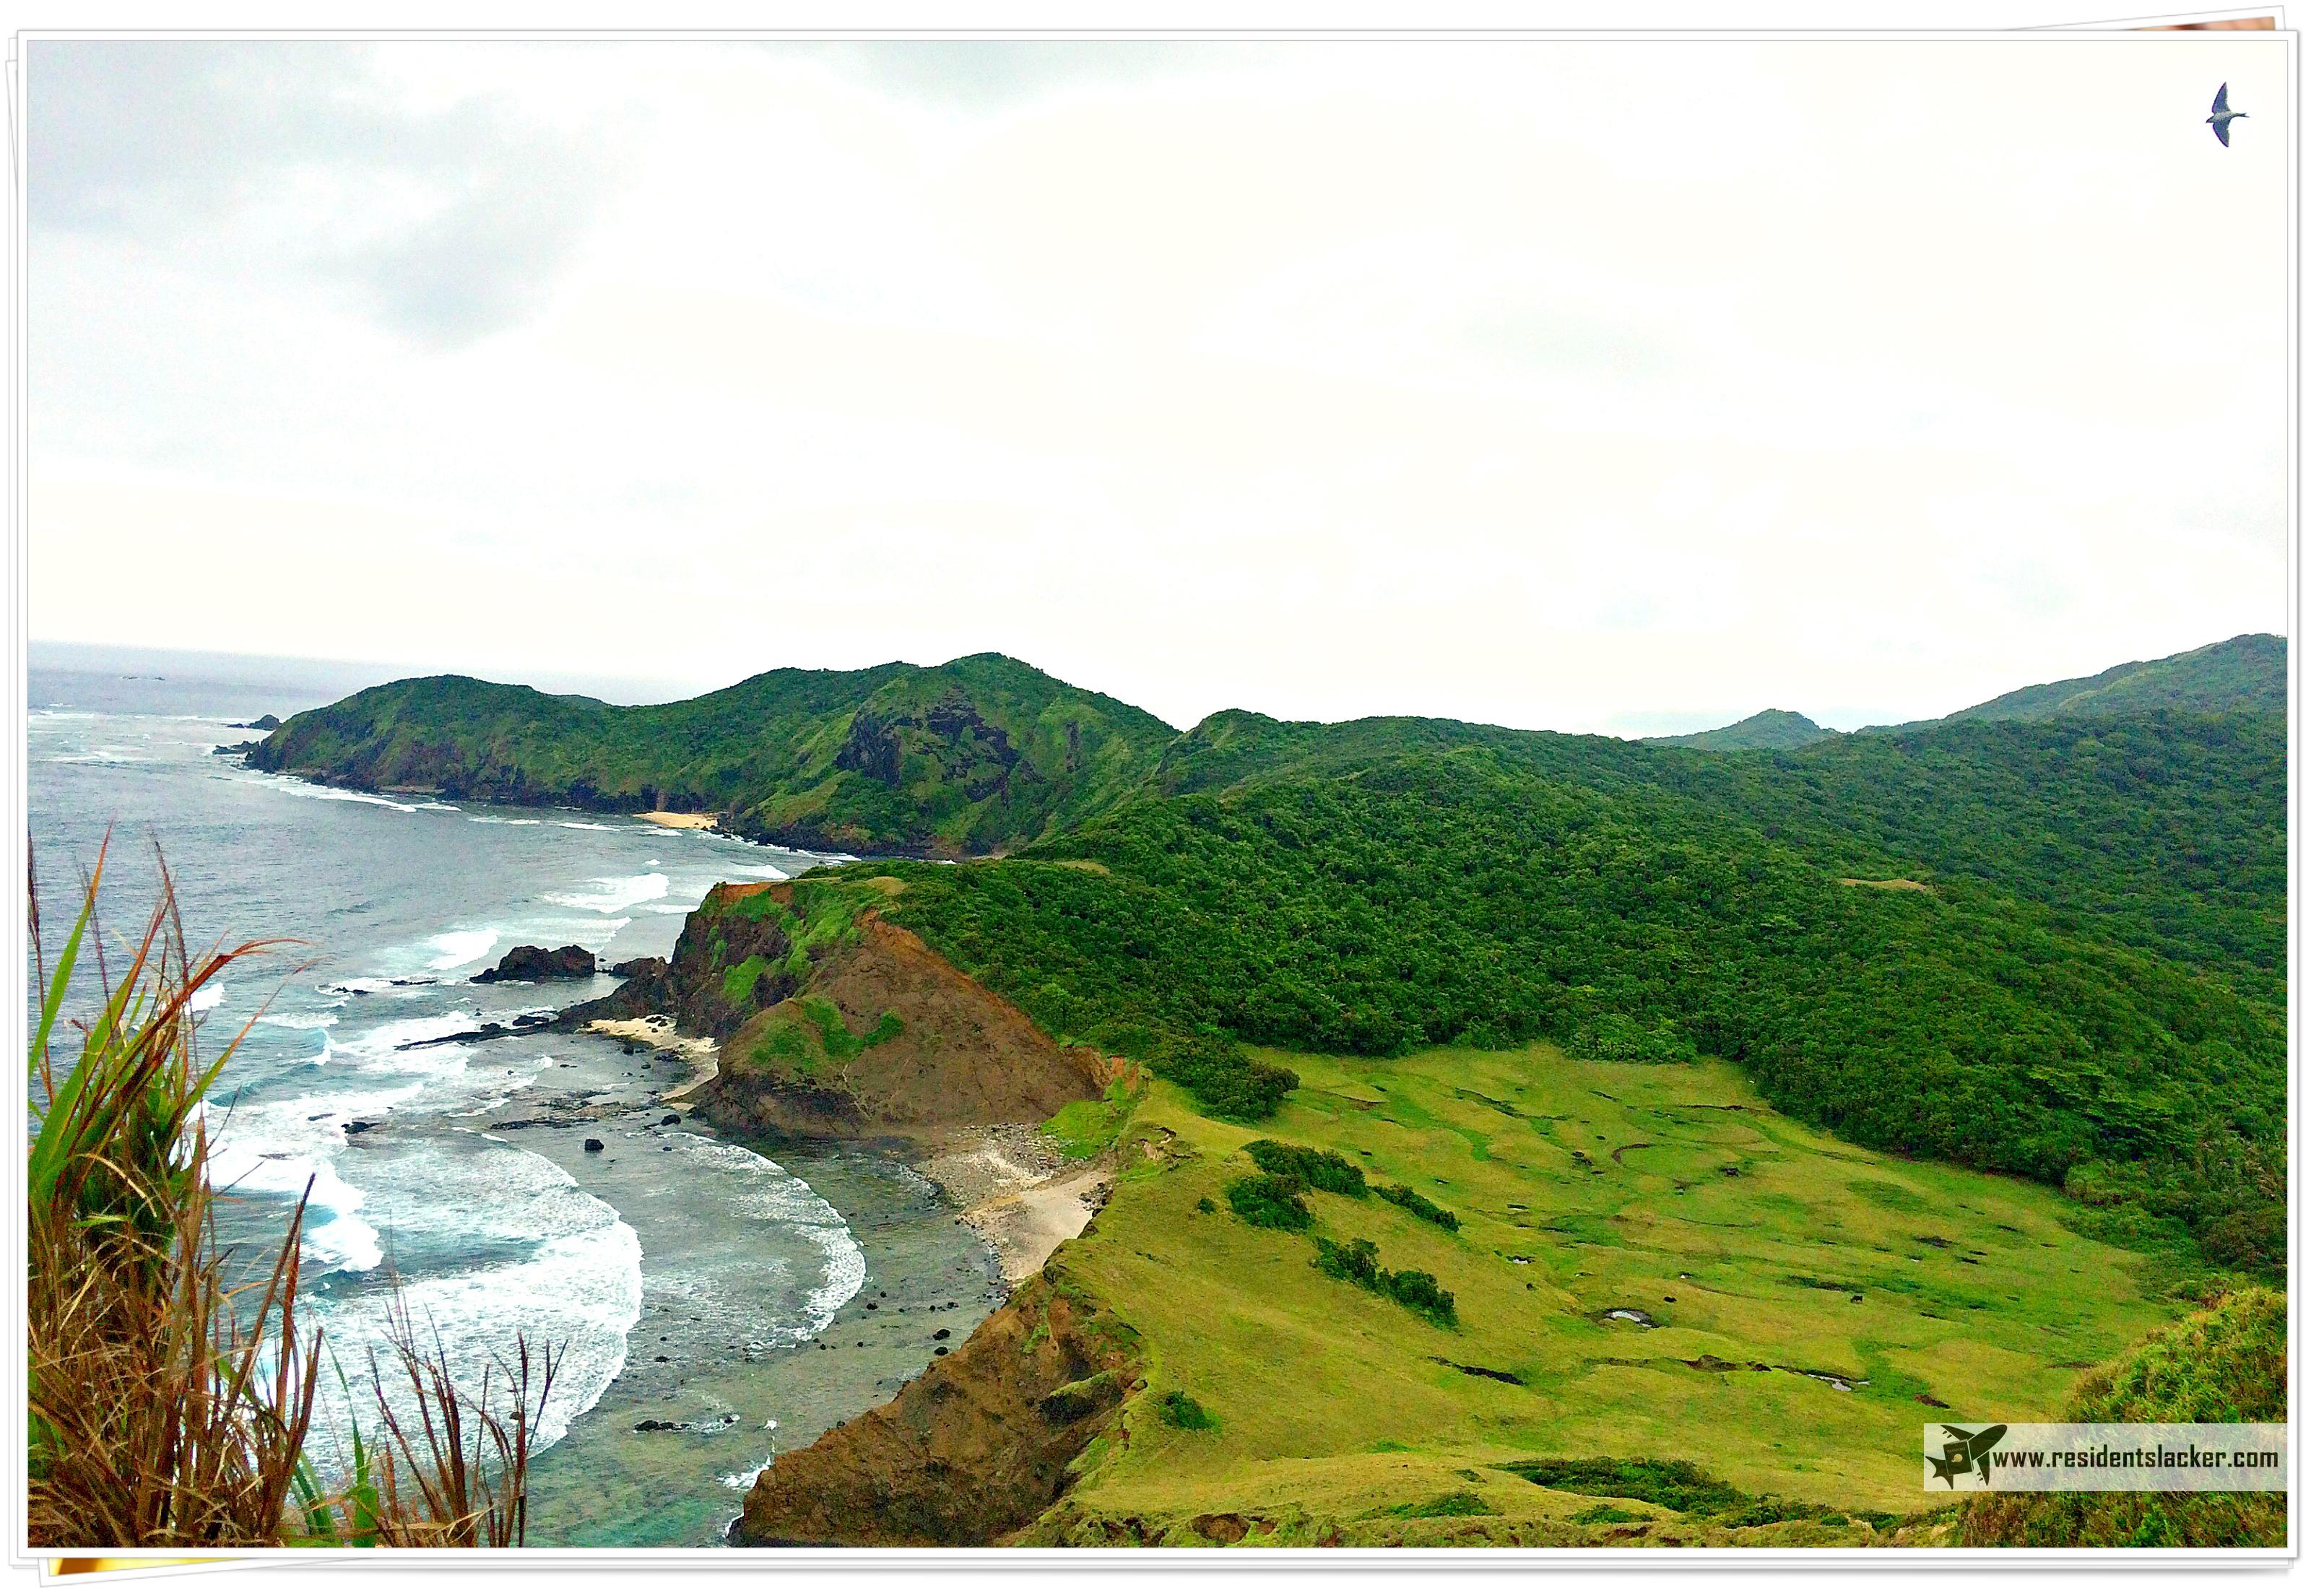 Cape Engano, Palaui, Cagayan Valley, PH - 2015